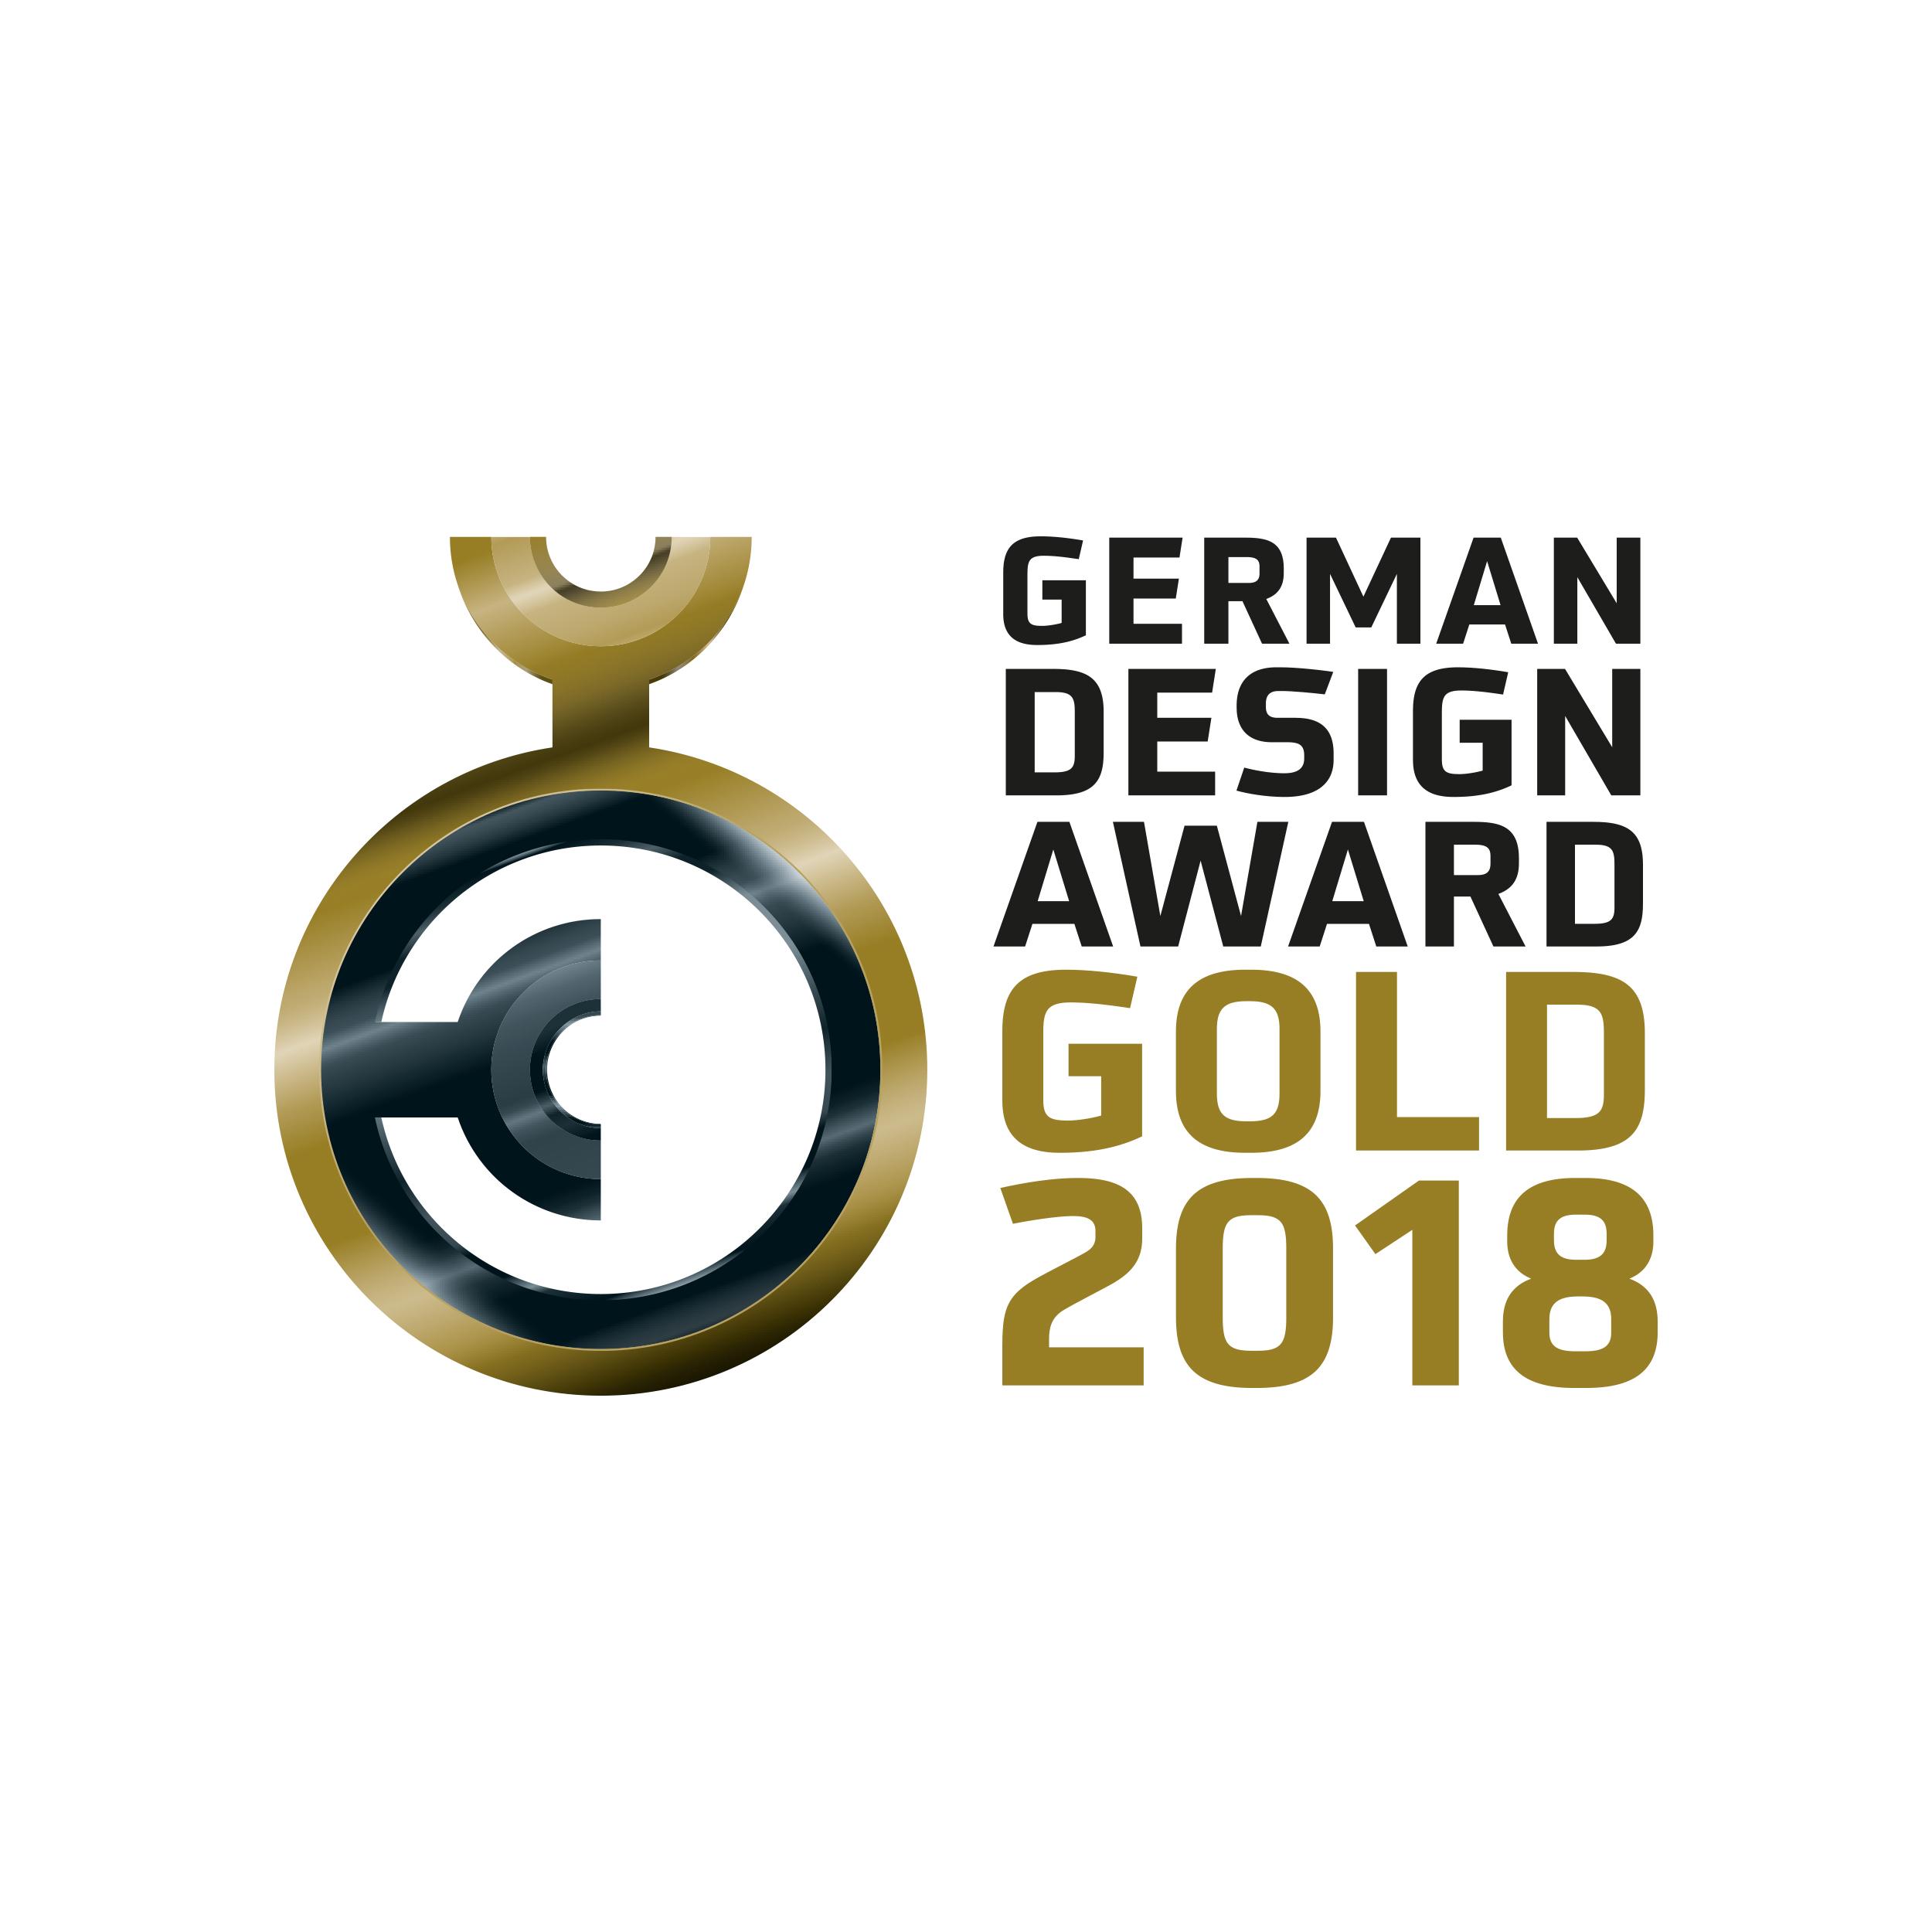 German Design Award 2018 - Gold, Kebne Outdoor Gym - Kauppi & Kauppi